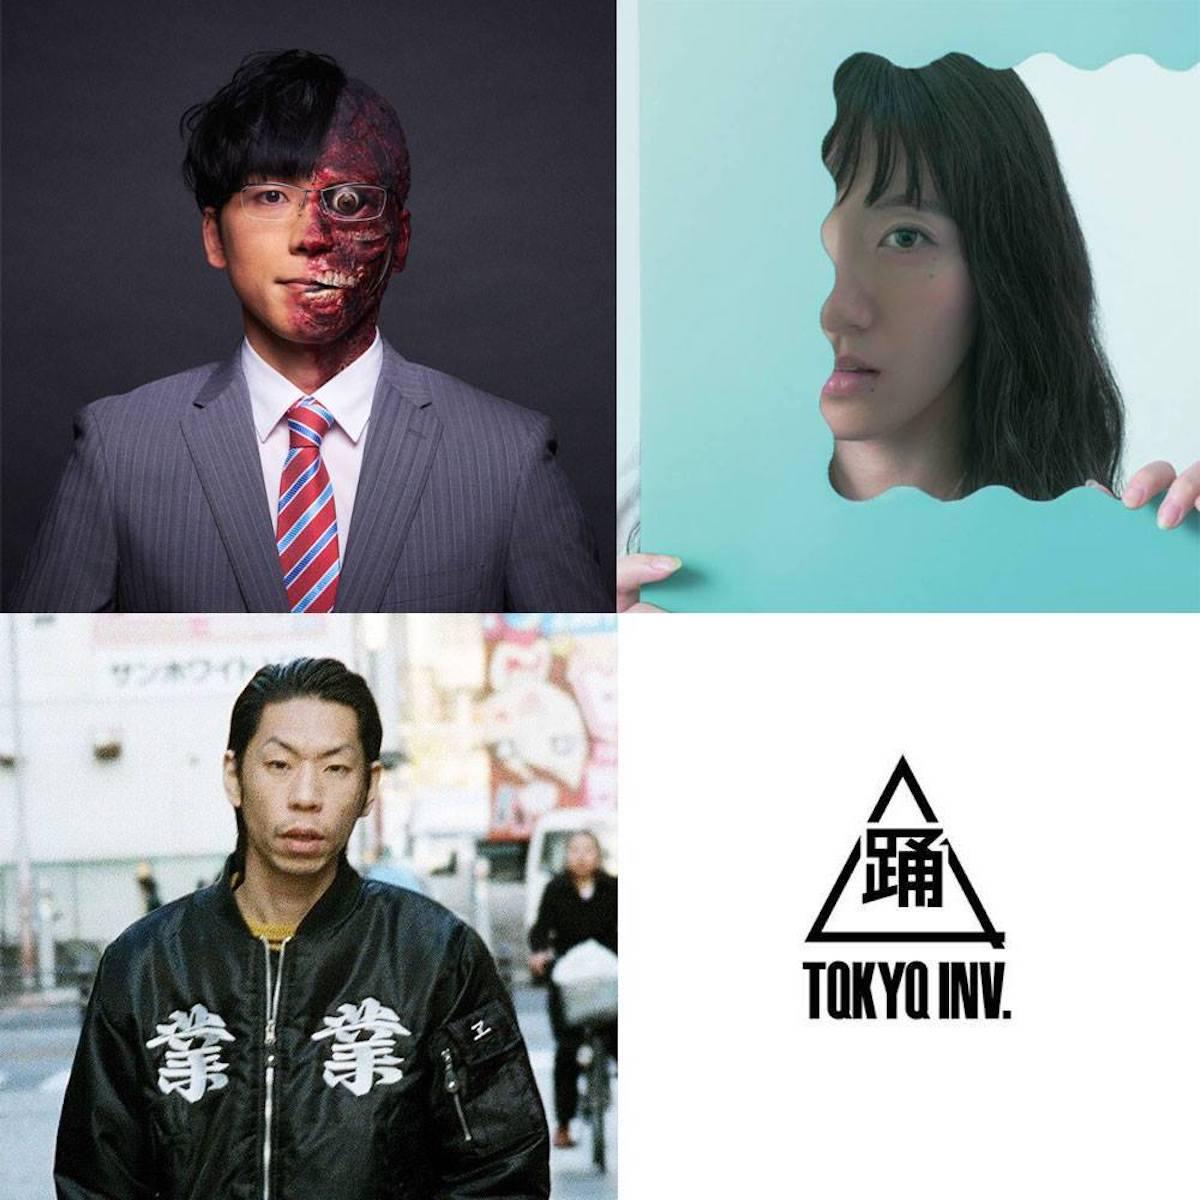 呂布カルマやDOTAMA、踊Foot Works、春ねむり、テンテンコ、小林うてな、謎ユニットROM2まで……!渋谷の地下でクセの強いサンデーアフター舞踏会が開催! music180308-beast-beat-beach-1